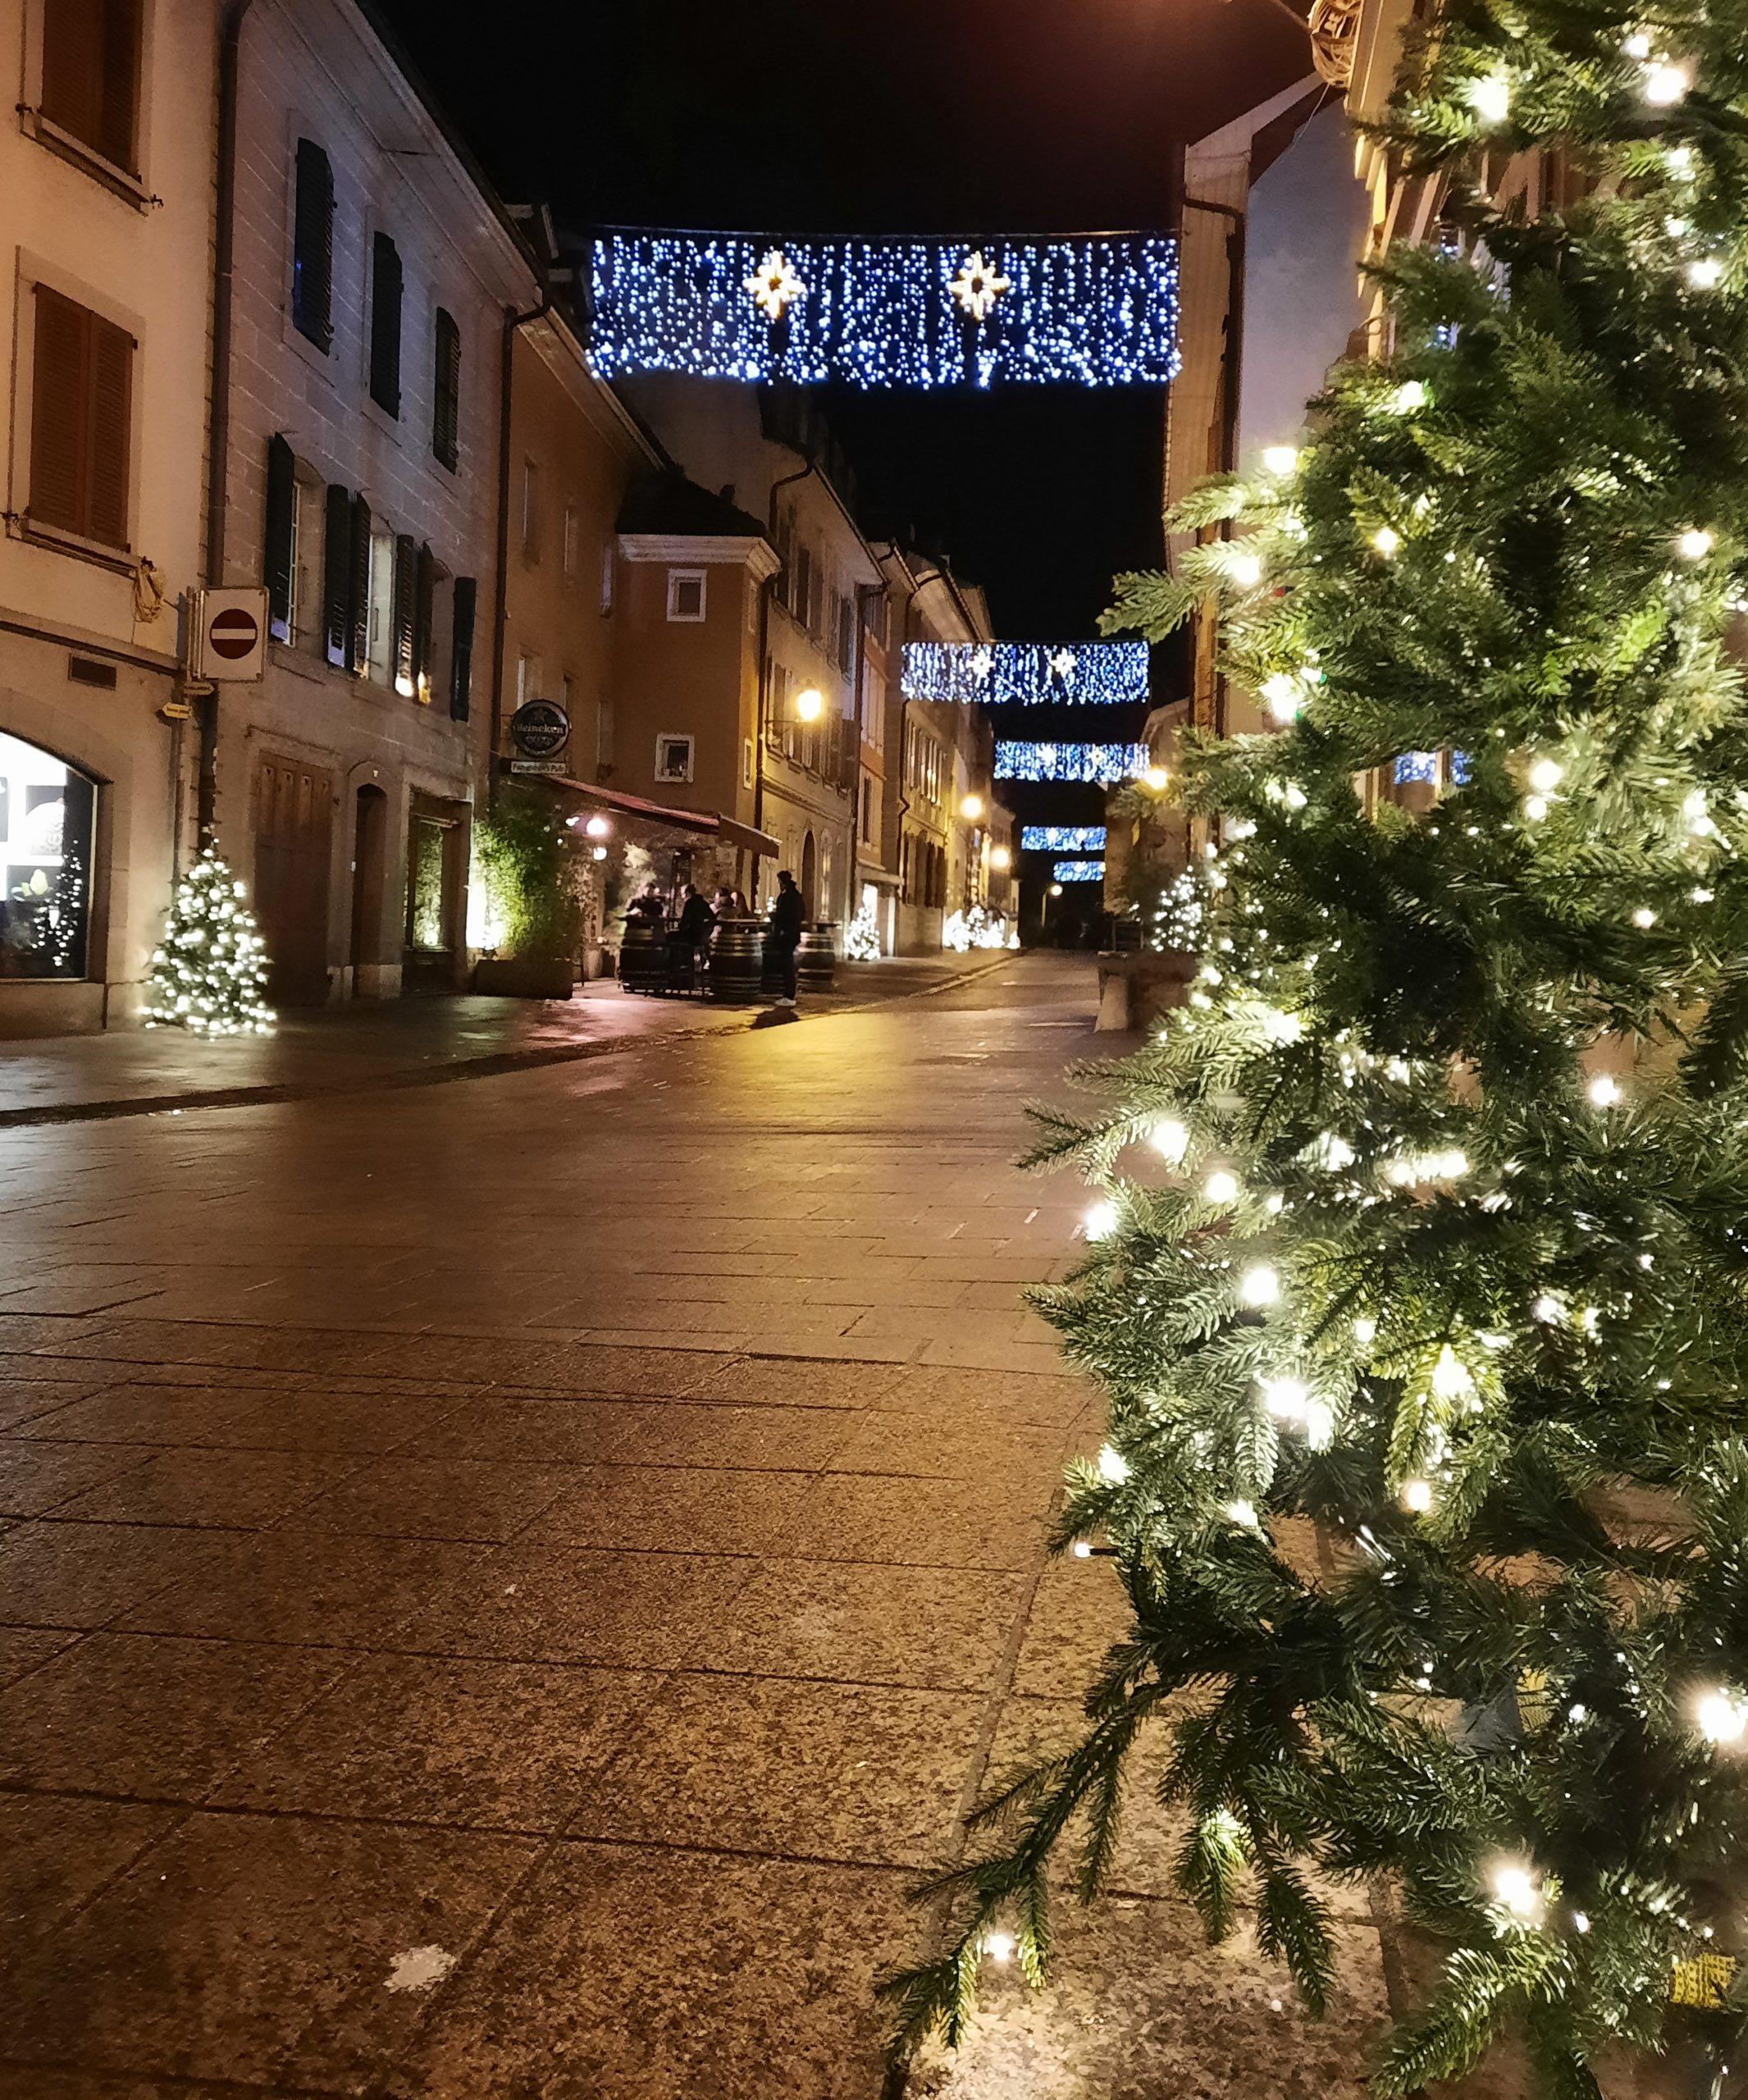 Quartier de Rive décoré, nuit du 12 décembre 2020